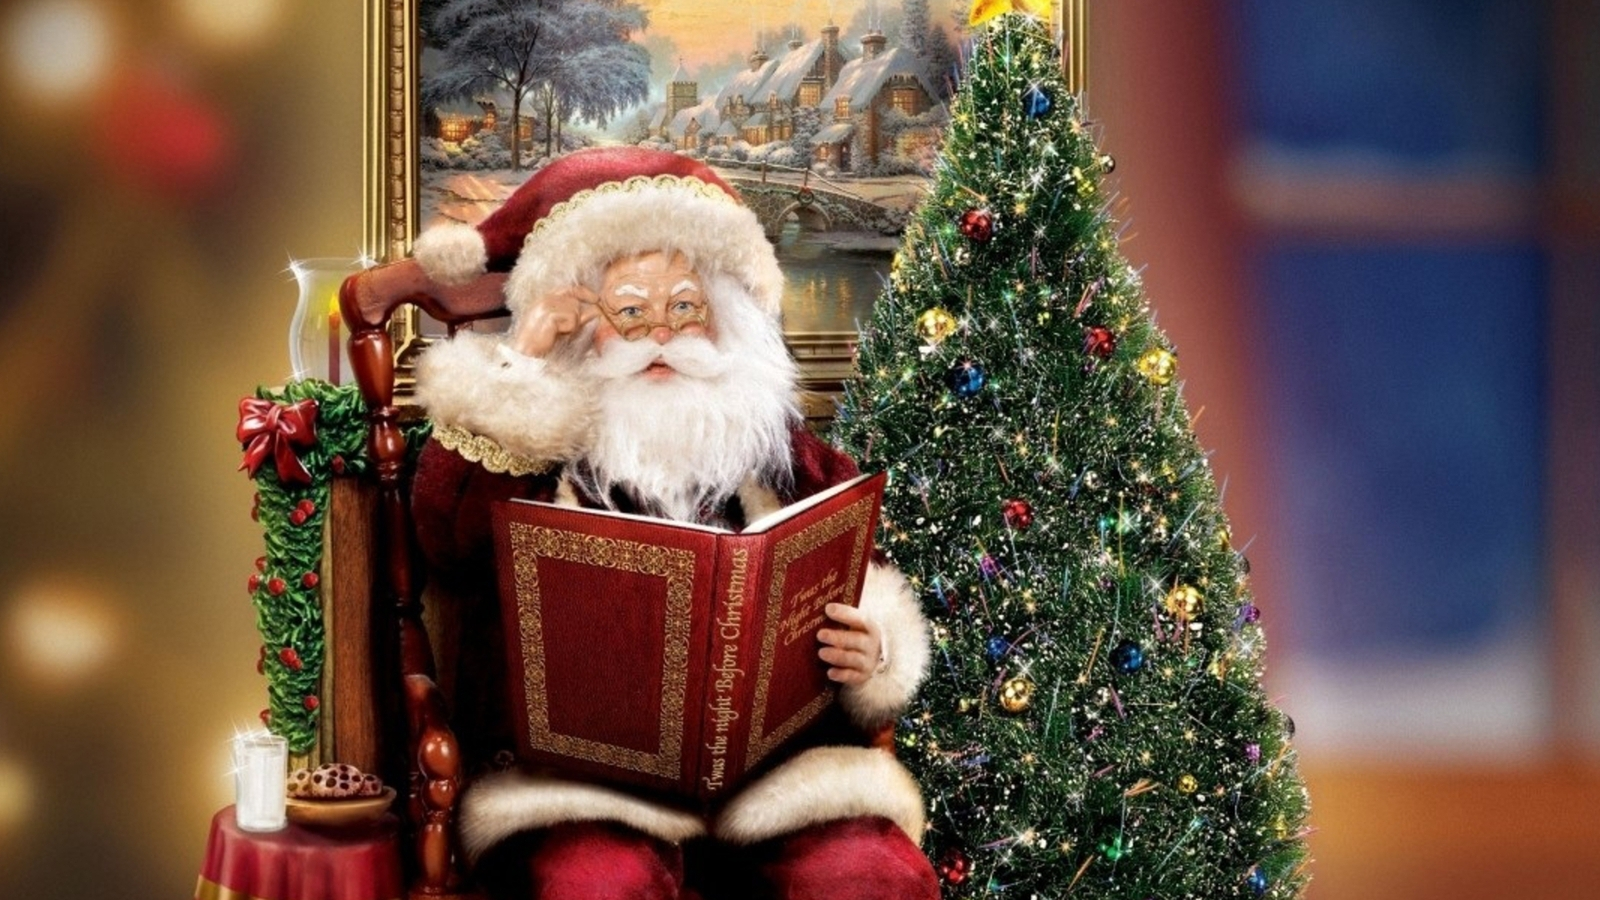 Домашний дед Мороз - C наступающим новым годом 2018 поздравительные картинки